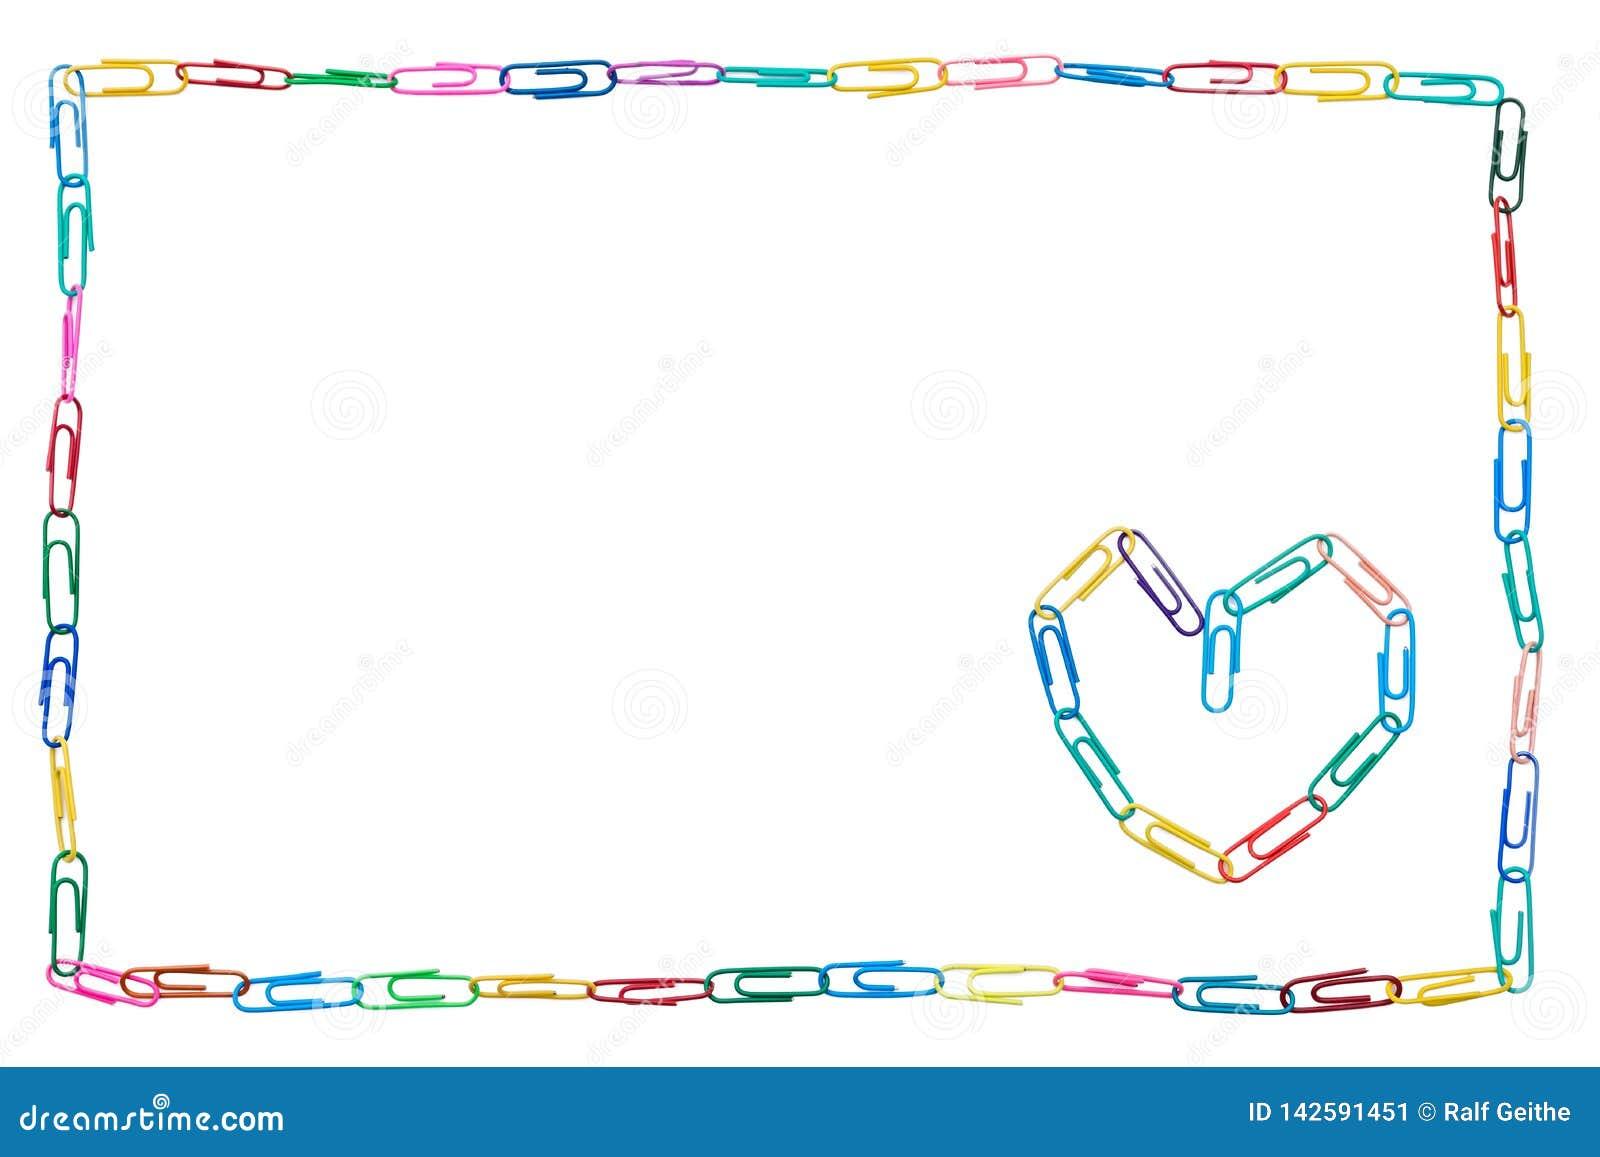 Kolorowa rama robić papierowe klamerki na białym tle z sercem dla kolegi